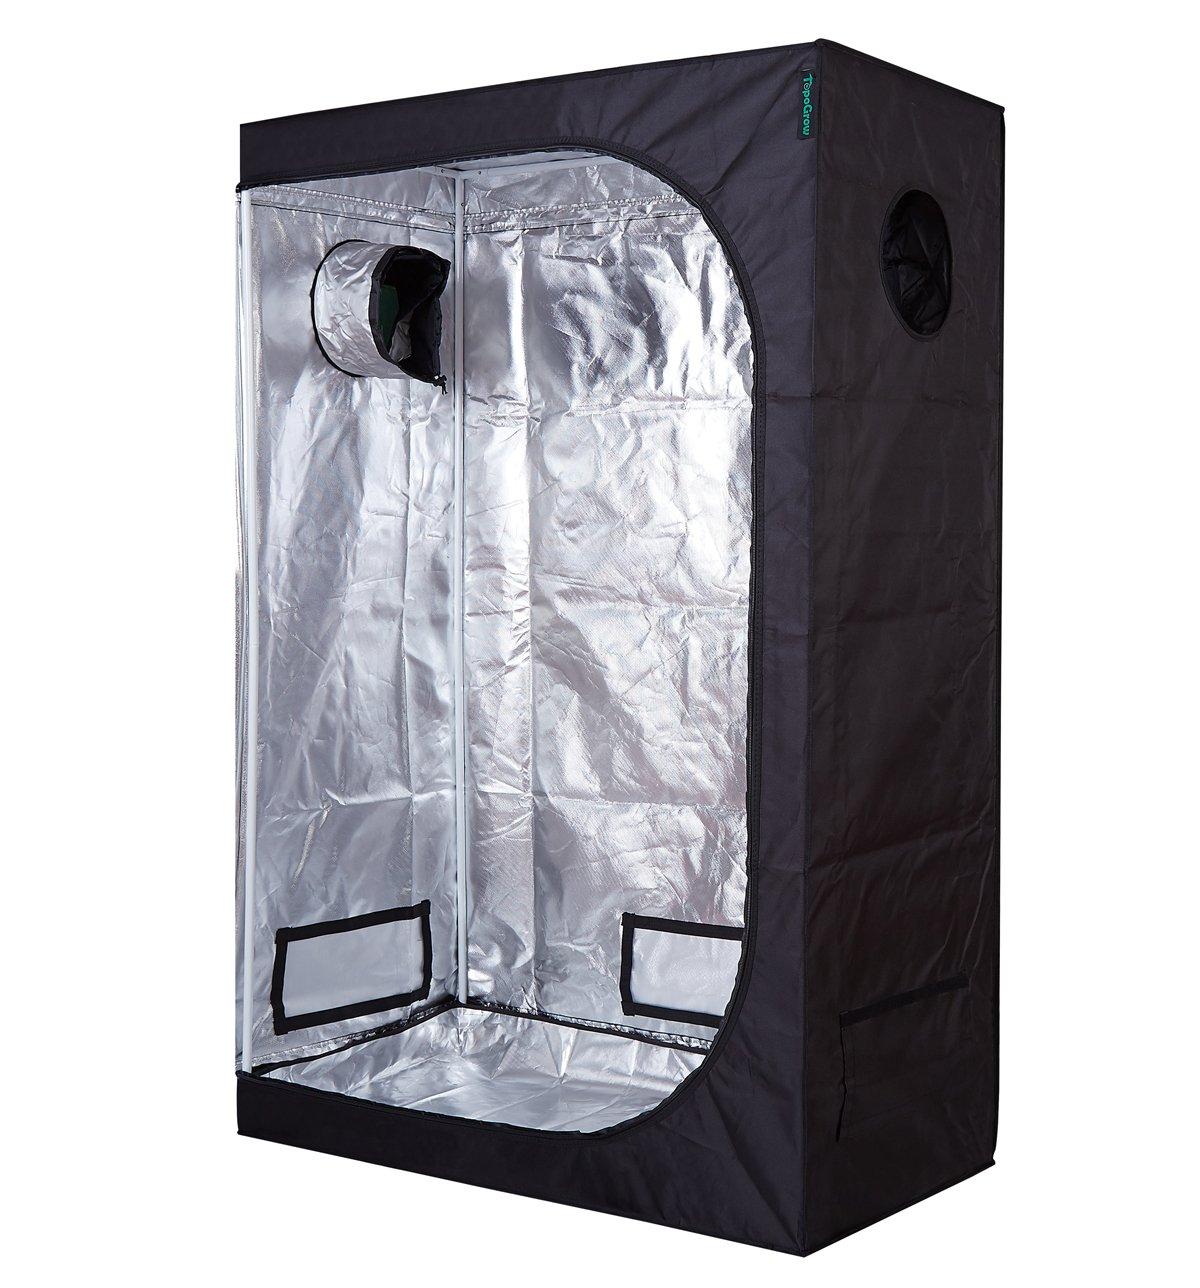 TopoGrow D-Door 48''x24''x72'' Indoor Grow Tent Room 600D Mylar High Reflective non Toxic Hut, 4'X2'